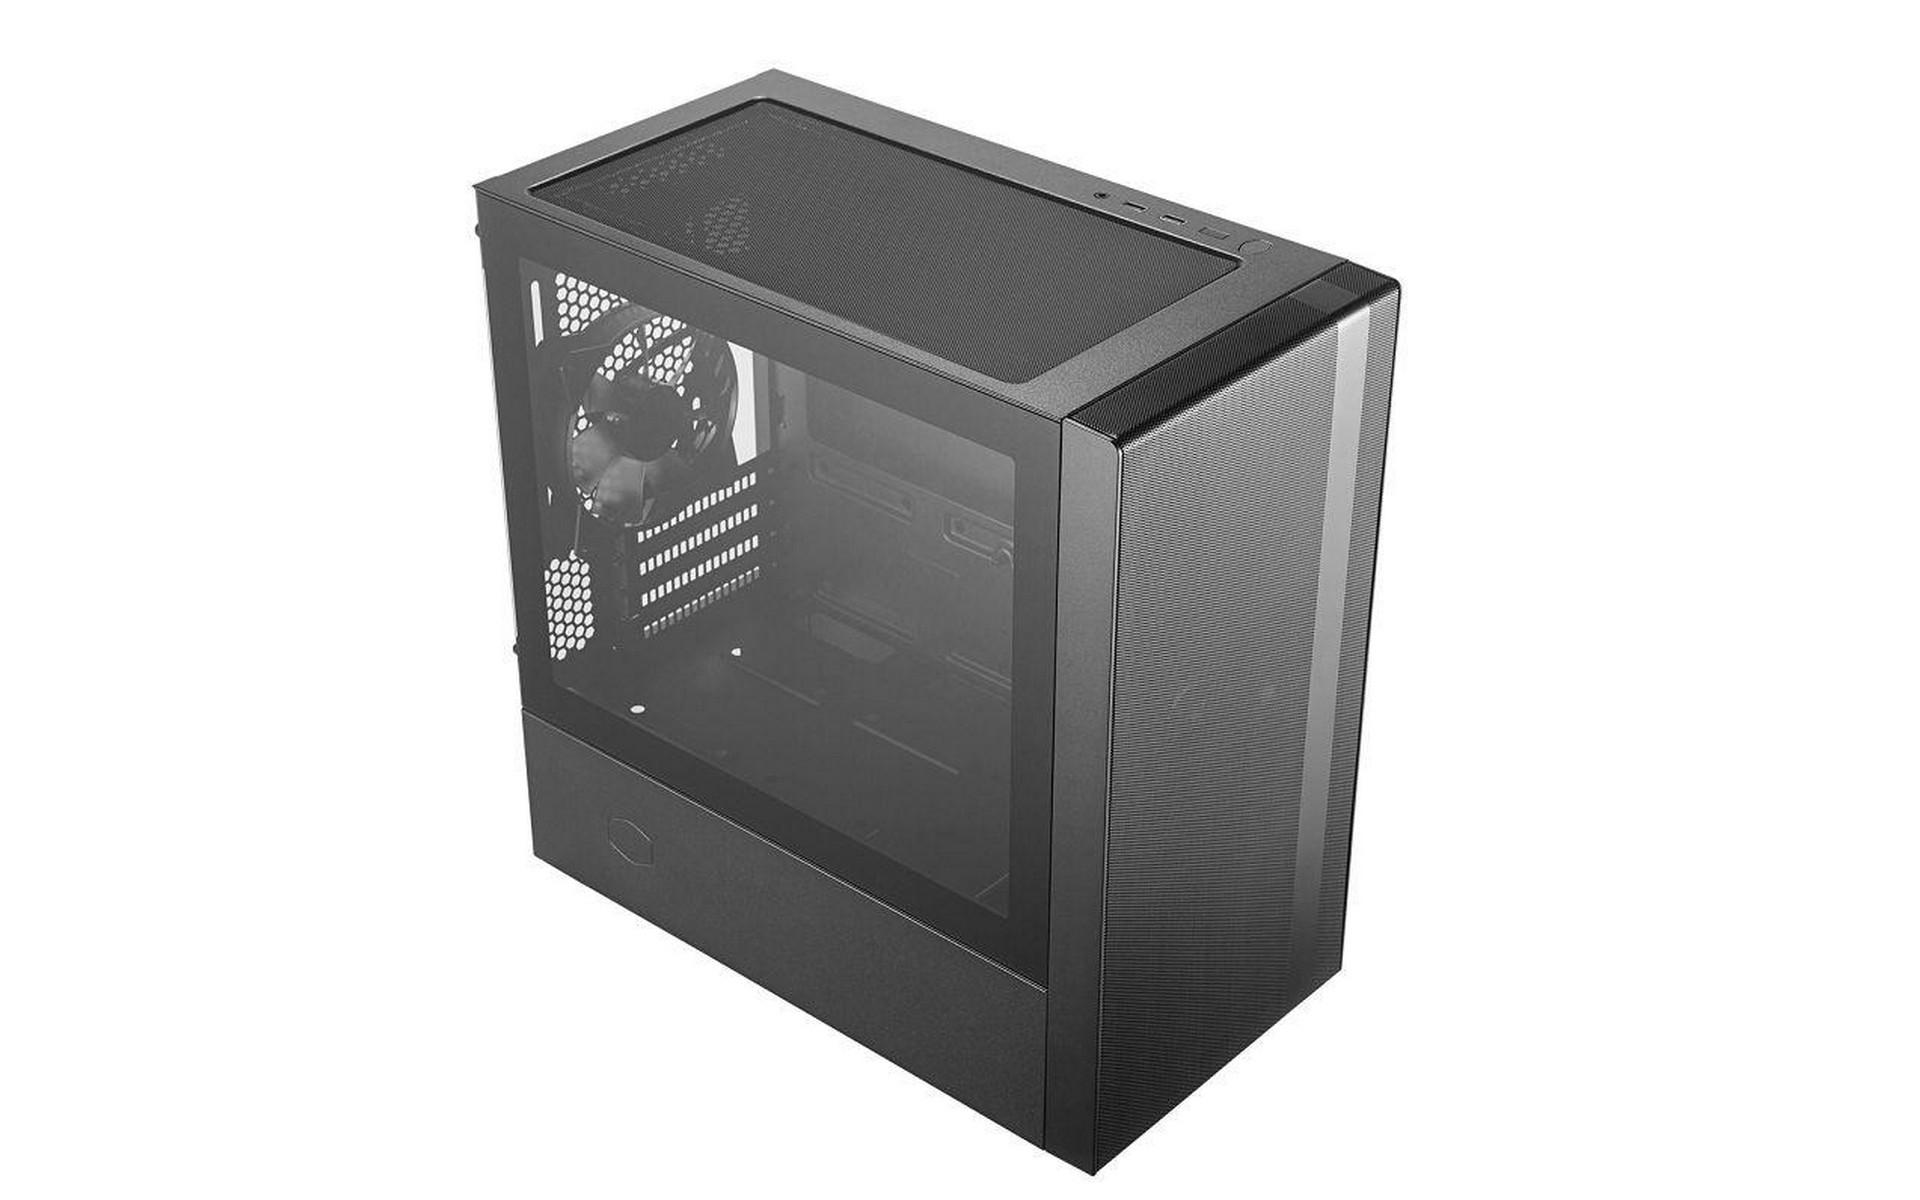 Vỏ Case Cooler Master MasterBox NR400 - sắp xếp hợp lý, gọn gàng